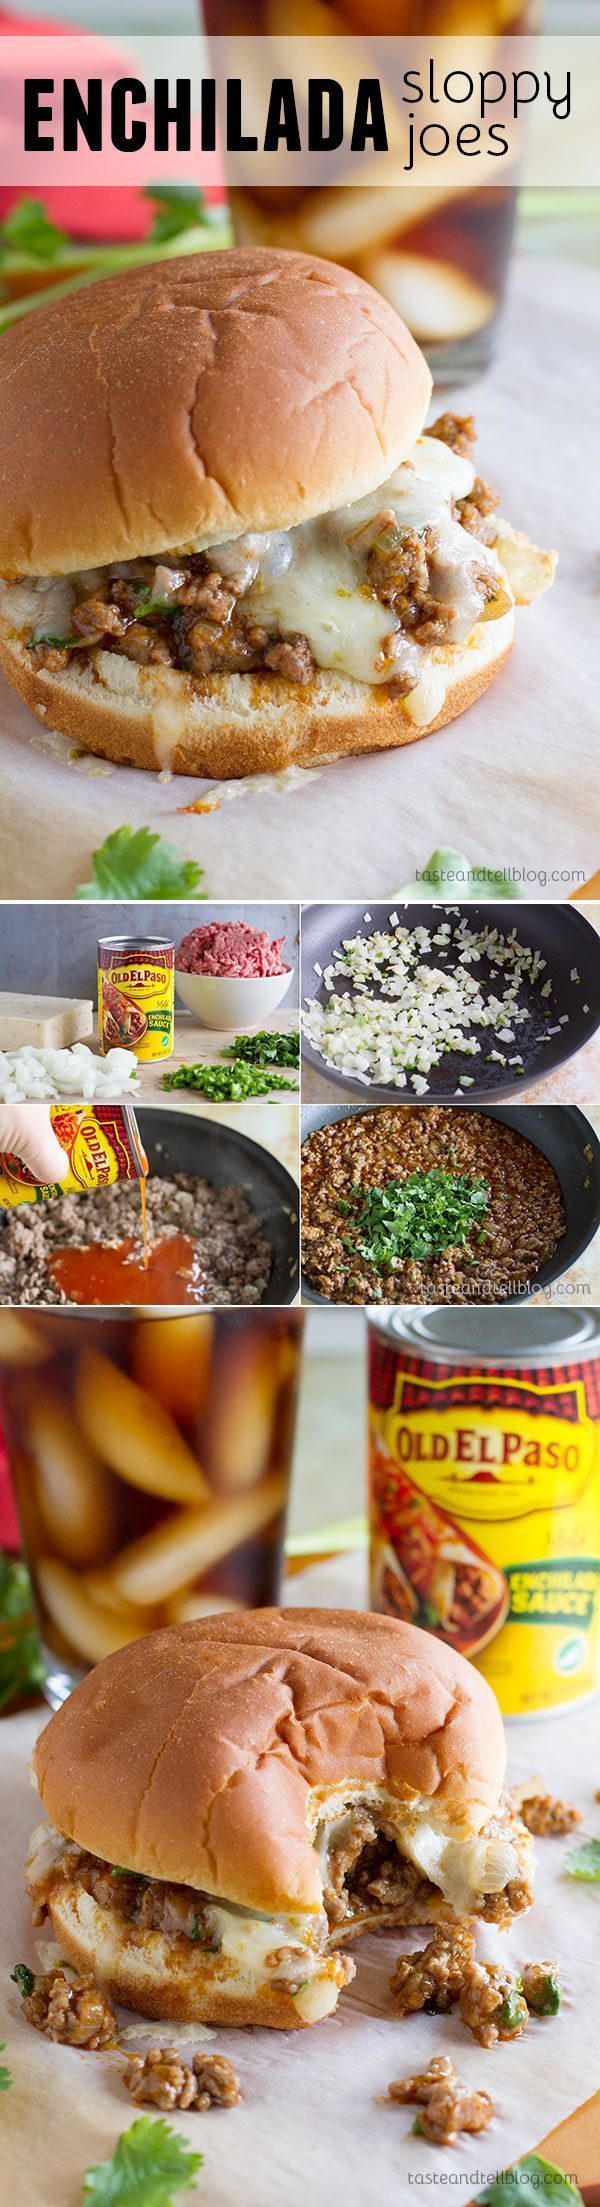 Enchilada Sloppy Joes